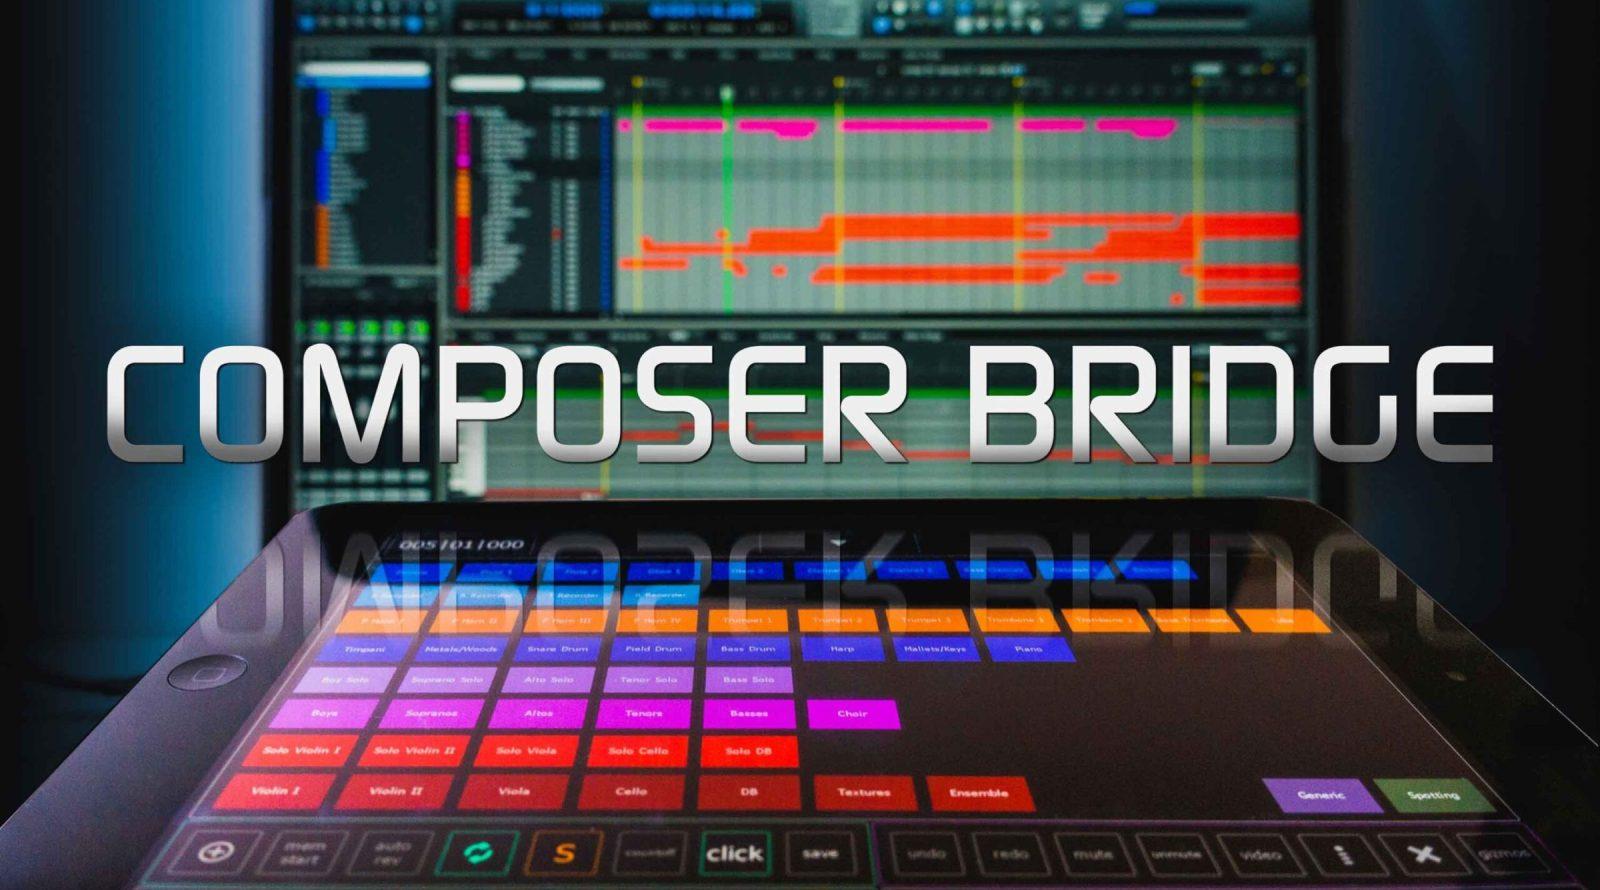 composer bridge